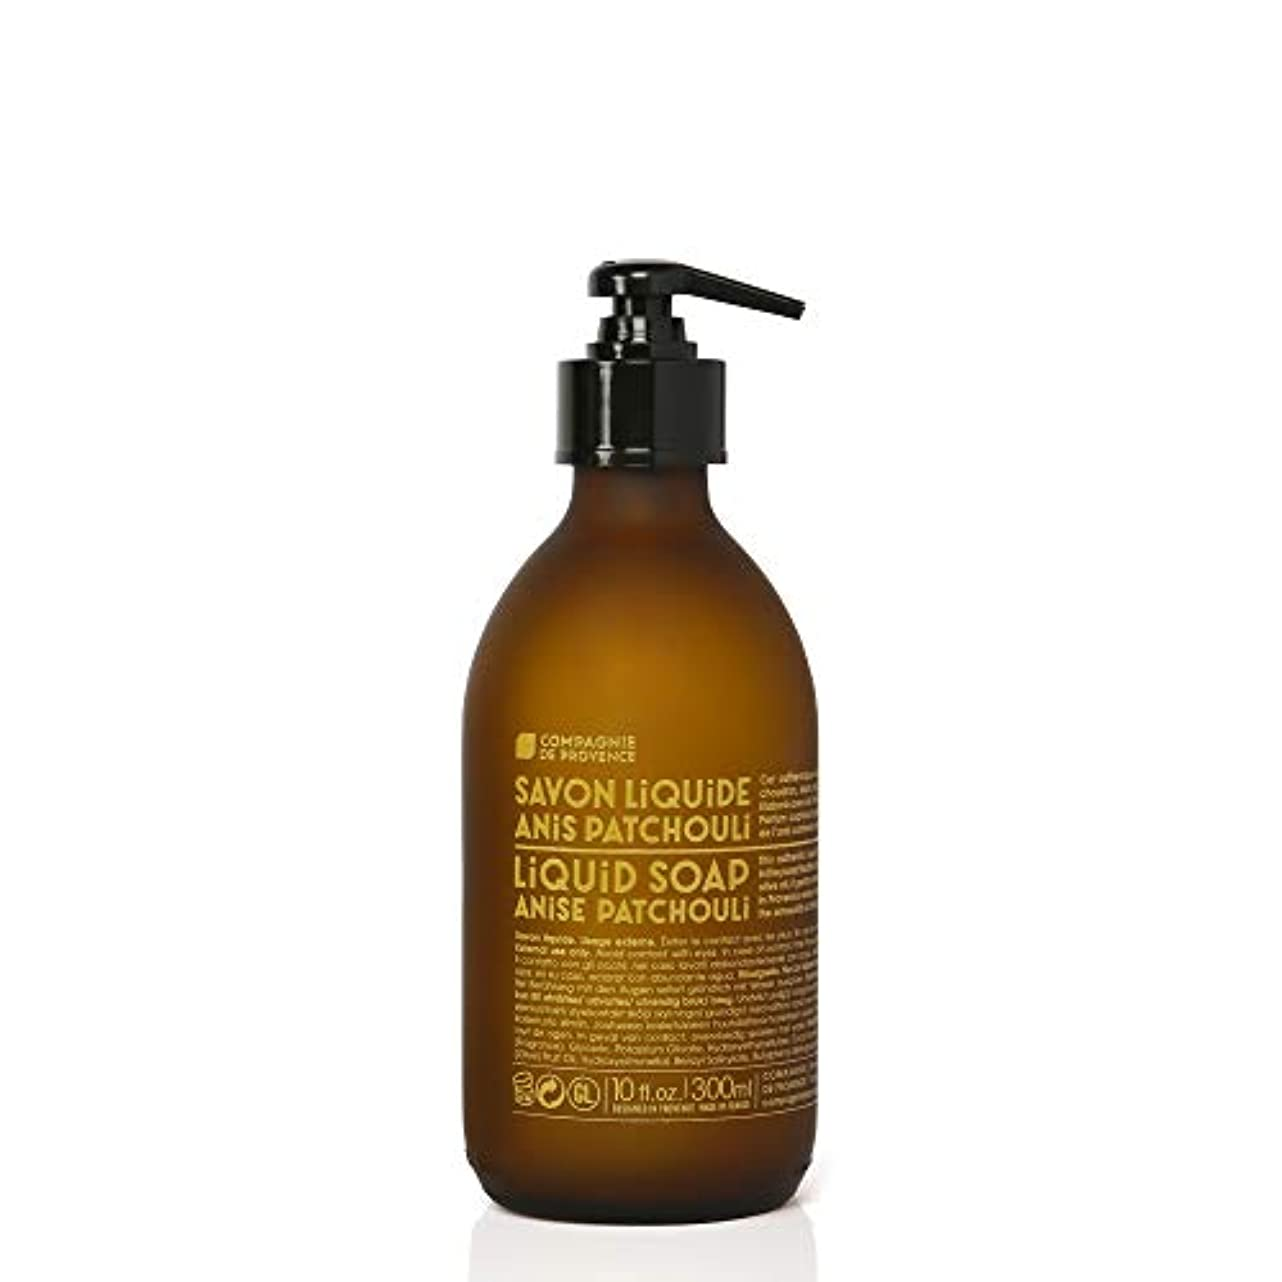 見せますタイヤ集計Compagnie de ProvenceマルセイユLiquid Soap Made in France 16.9 FL OZガラスボトル